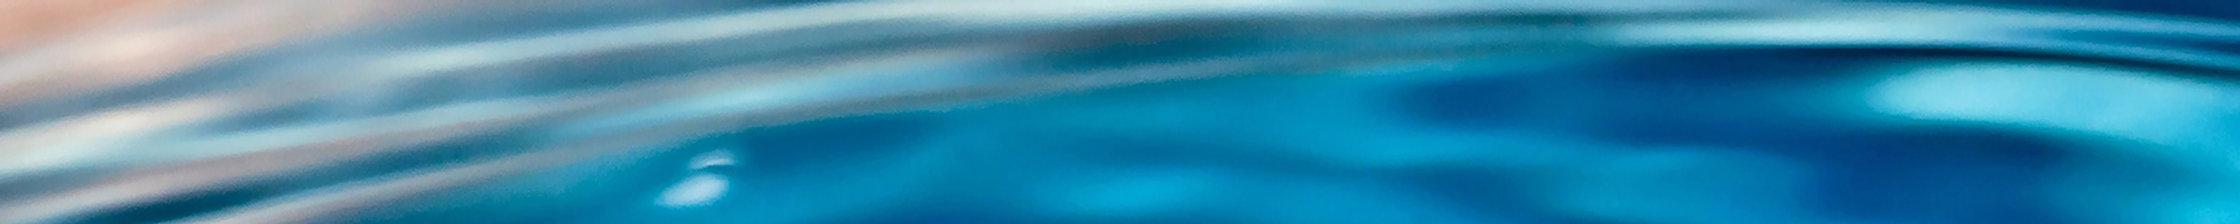 water strip 4.jpg